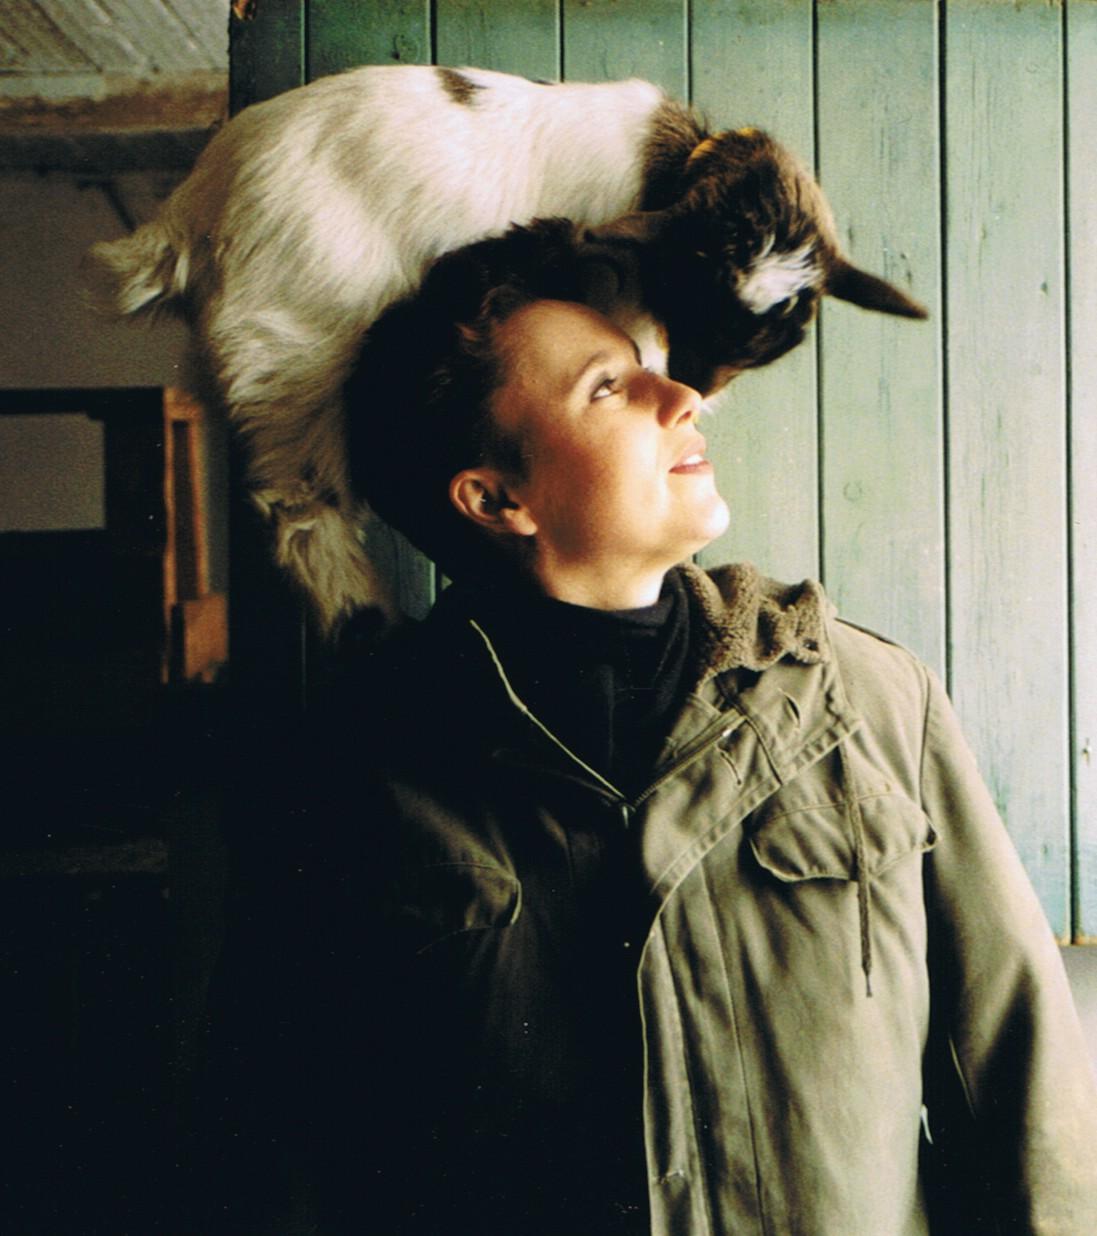 Lamm Deborah - 2005